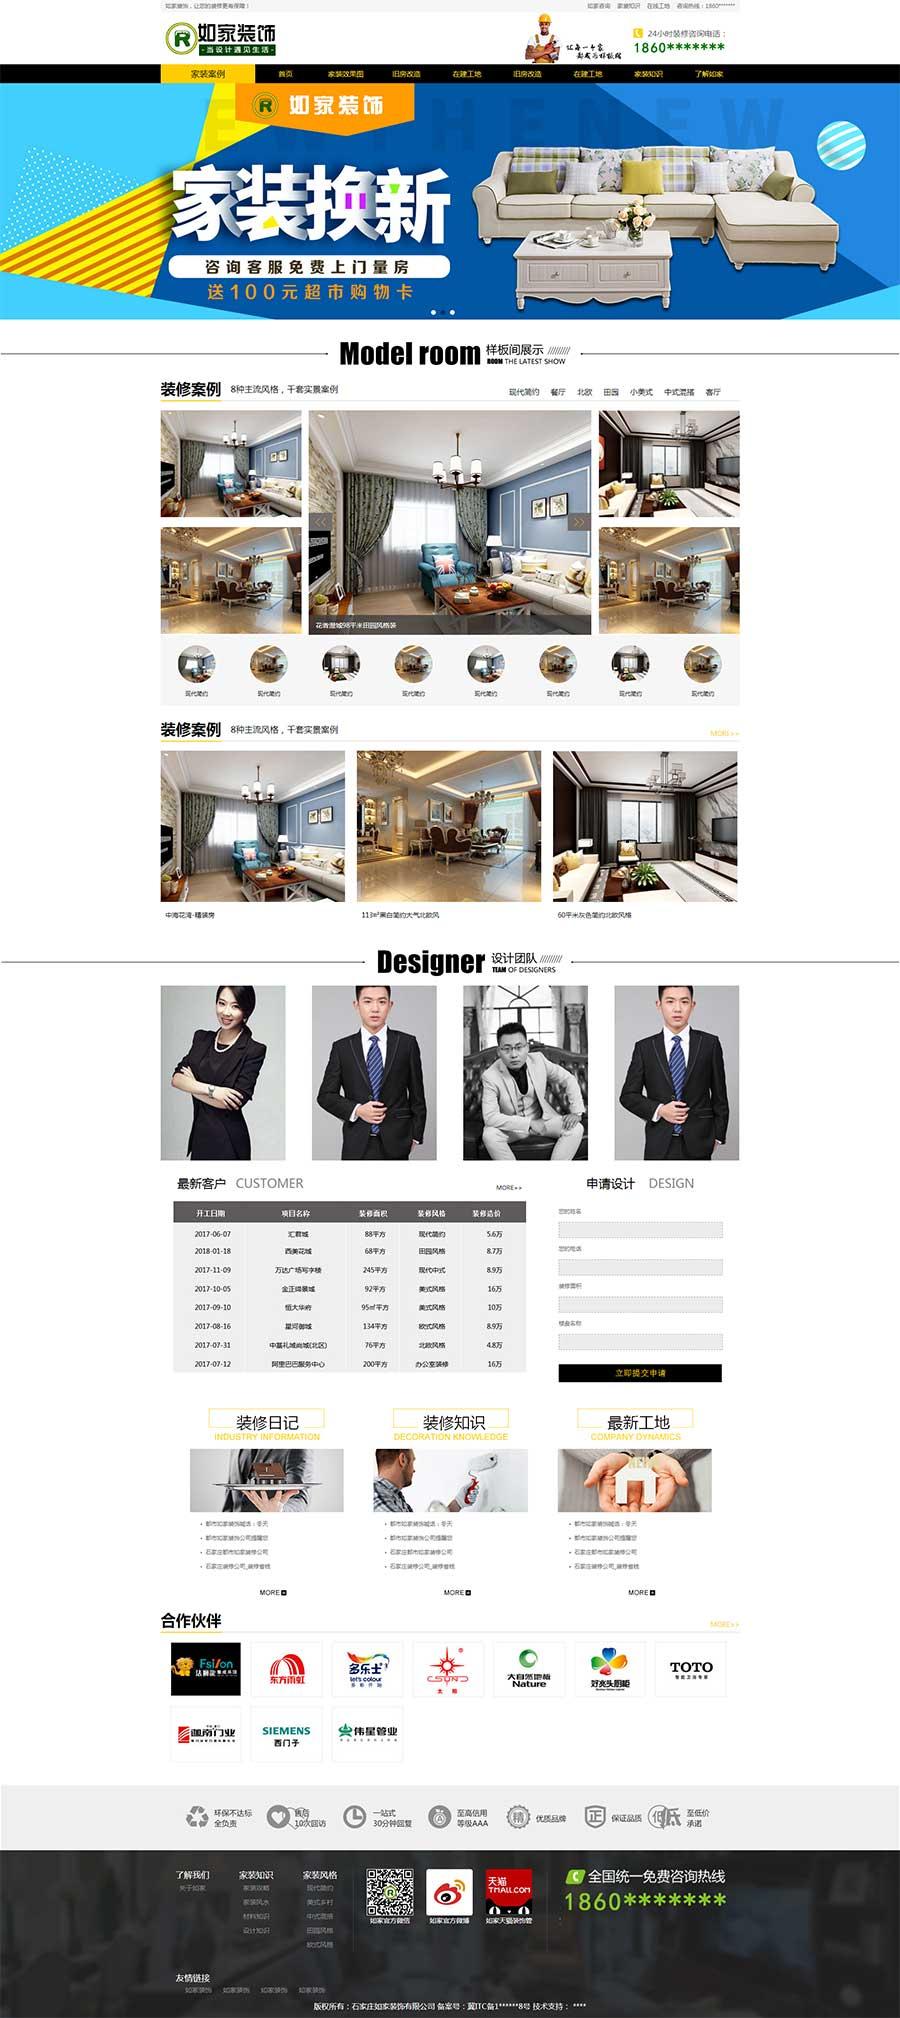 精美大气的室内设计装修装饰公司网站模板